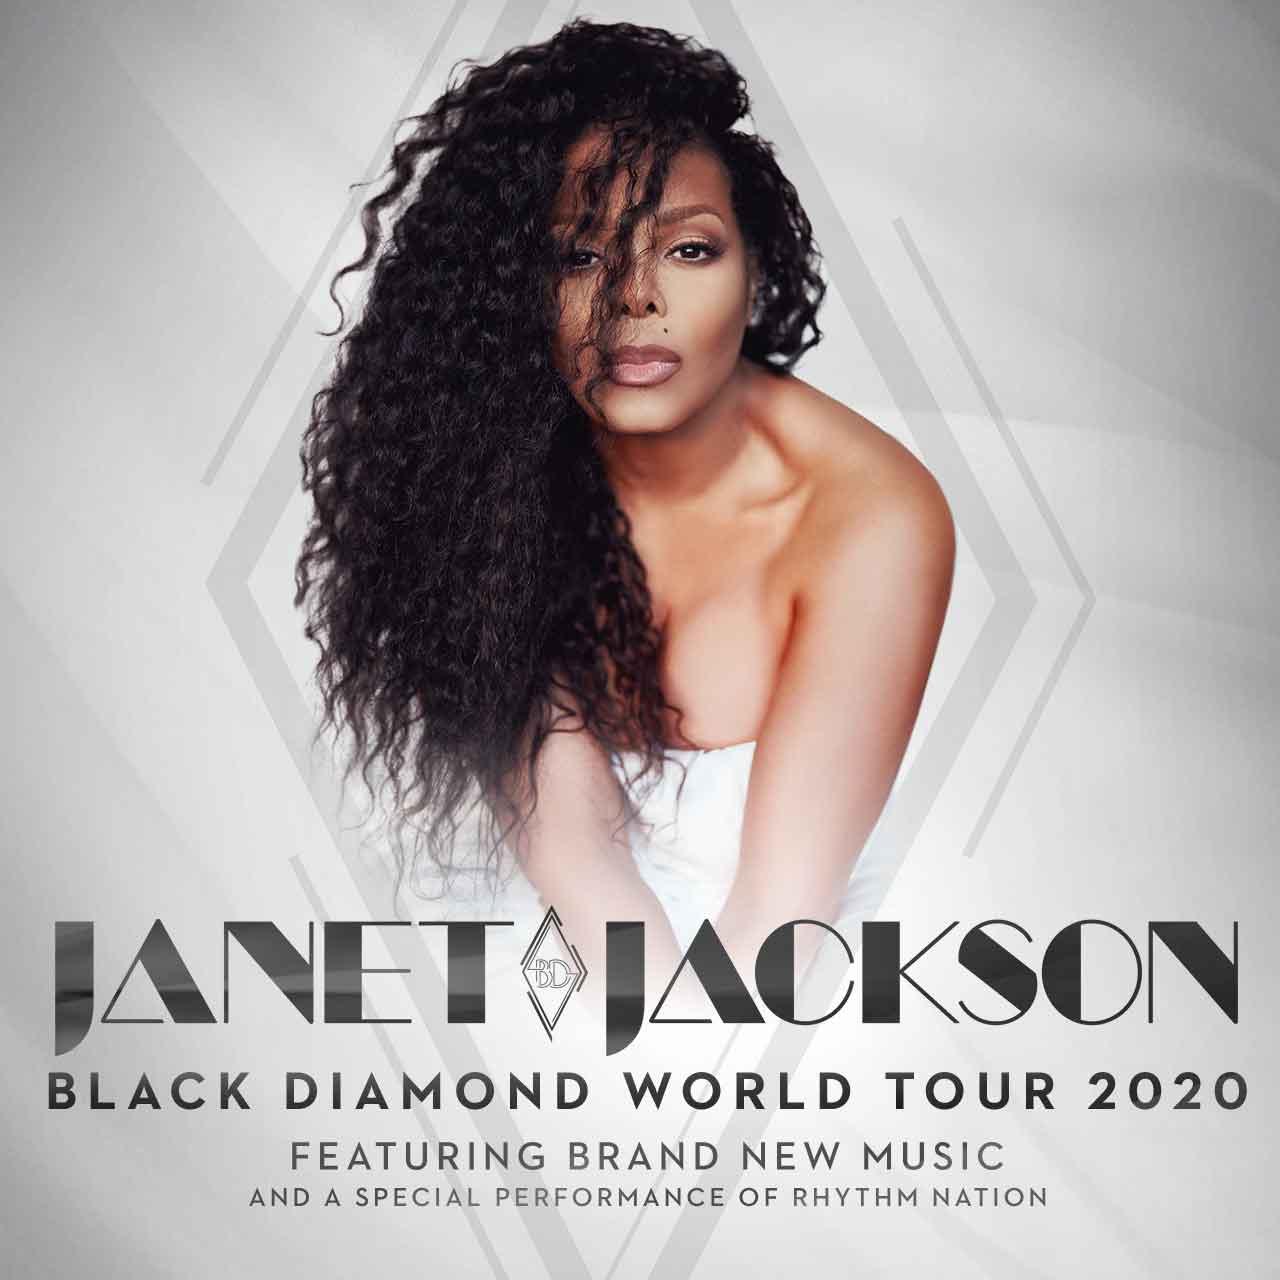 Black Diamond World Tour